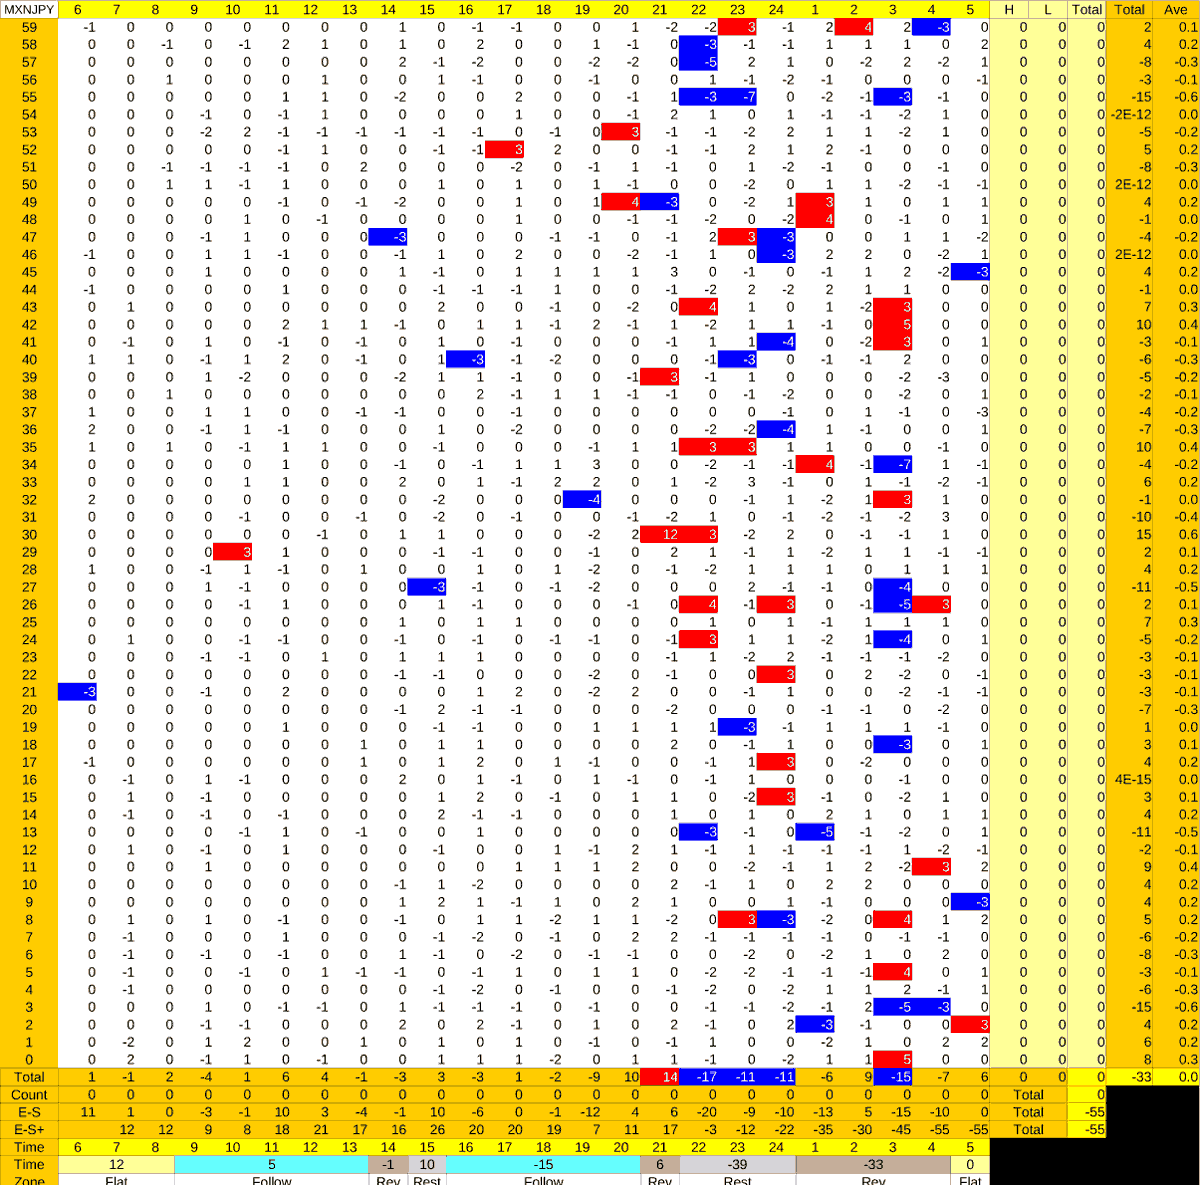 20210930_HS(3)MXNJPY-min